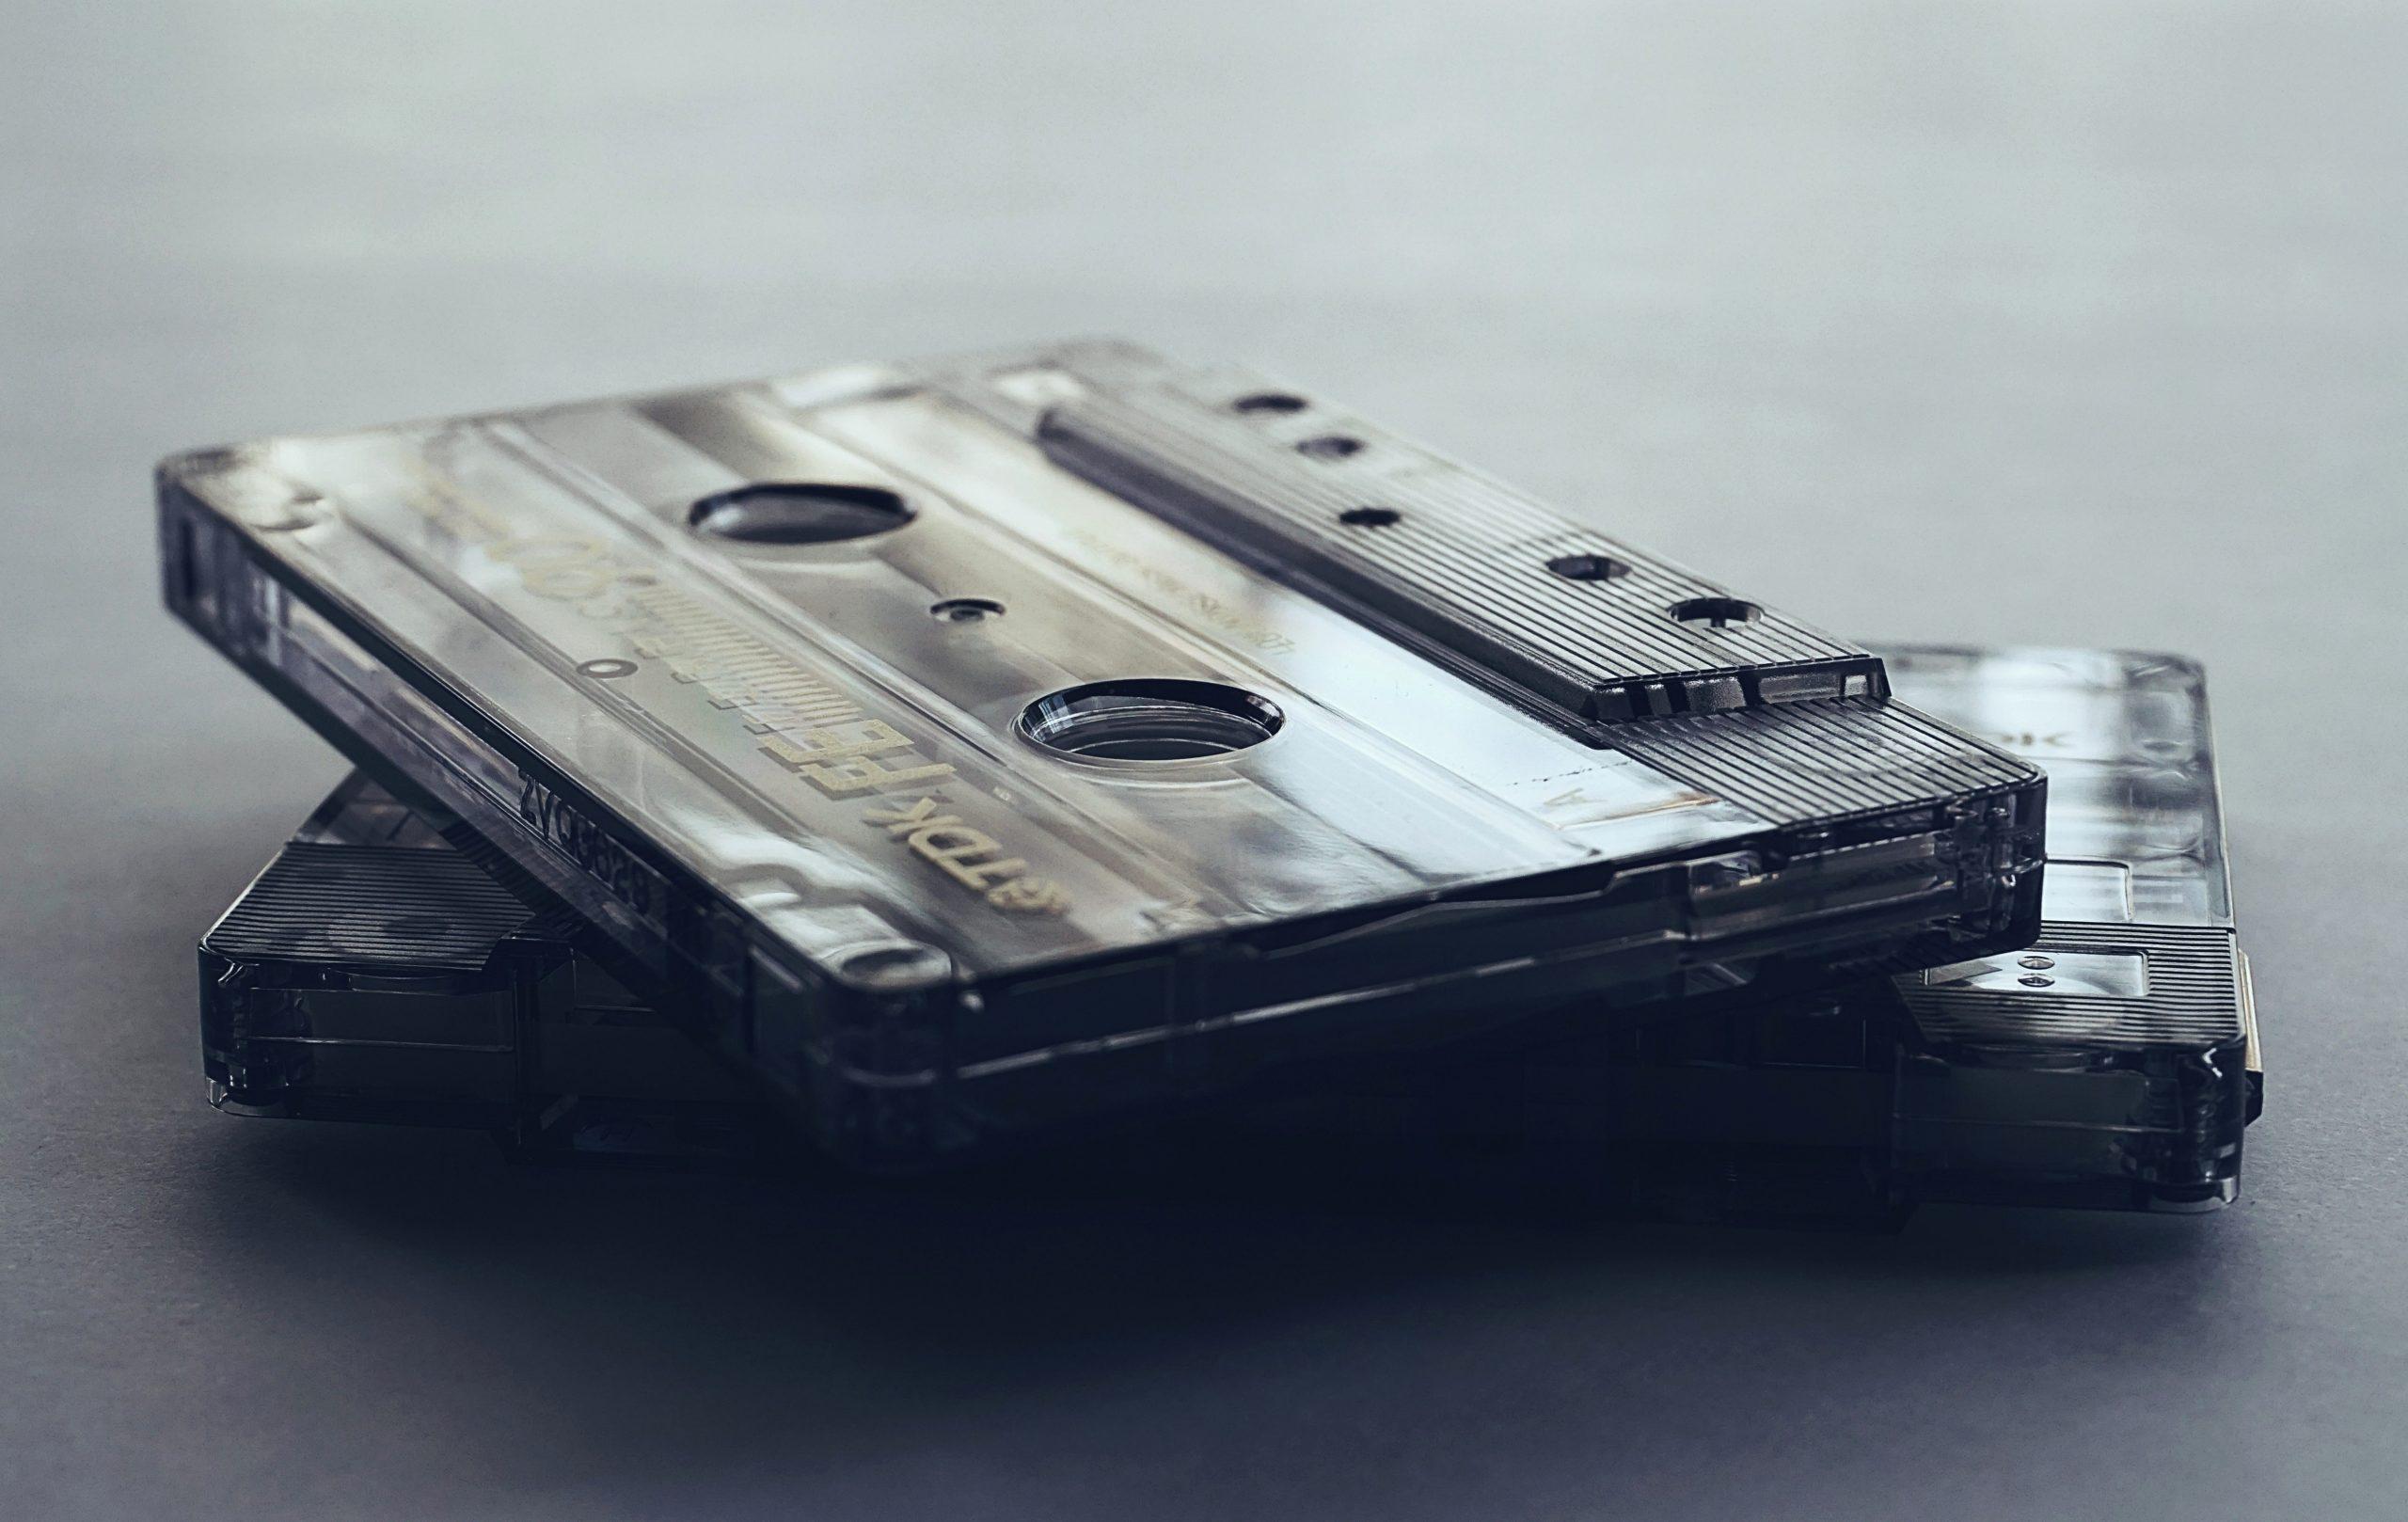 90s cassette conversations